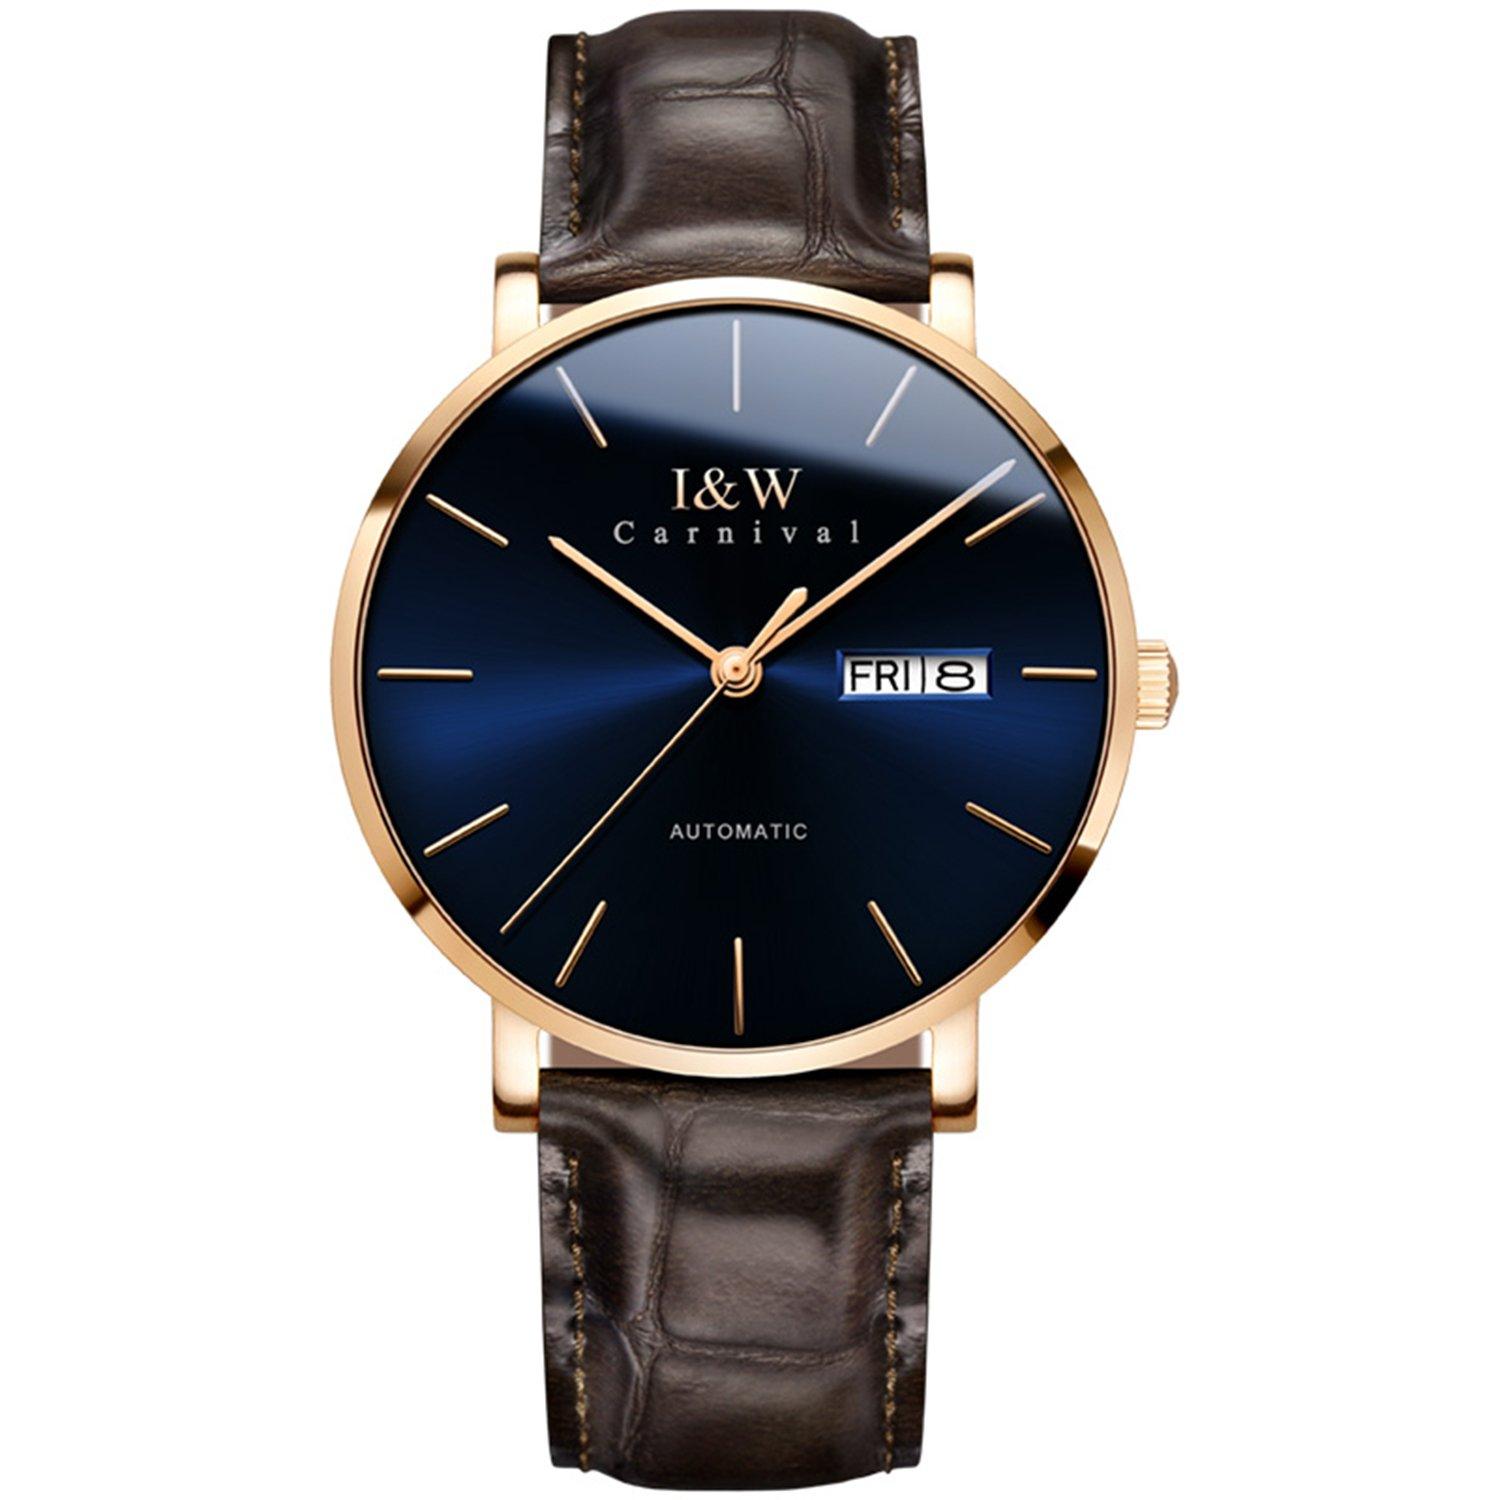 Men 's Luxury WatchミニマリストUltra Thin Swiss Automatic Movementサファイアクリスタルアナログカーフスキンストラップ ブルー B07CY9T1LR ブルー ブルー